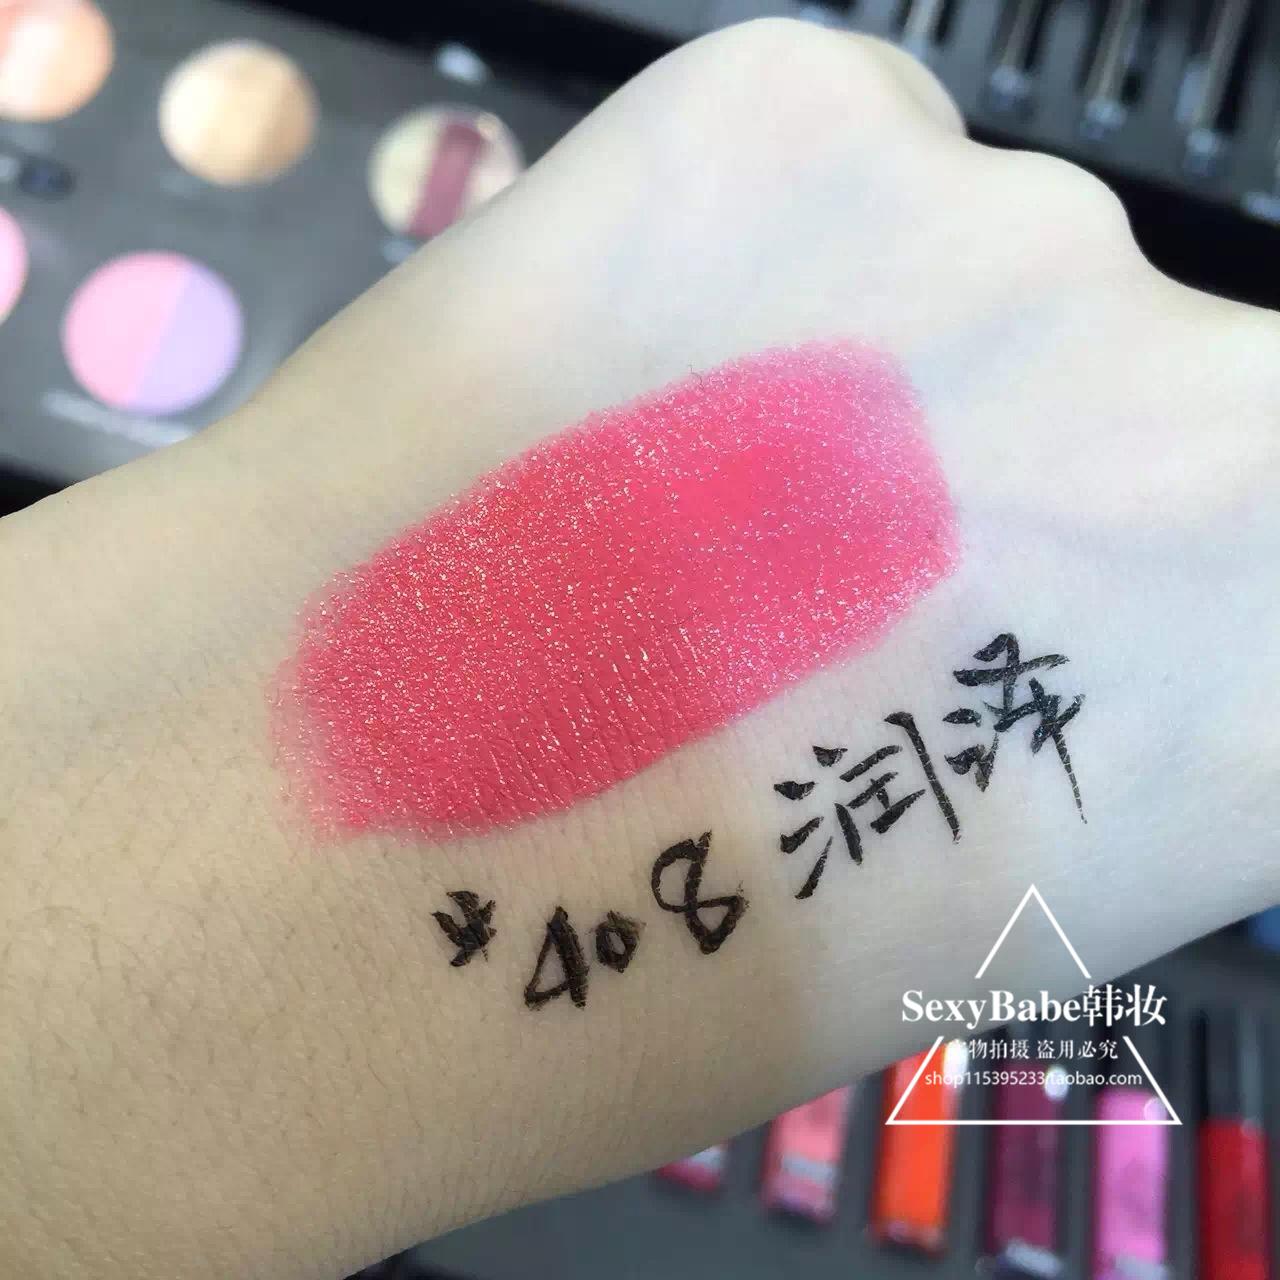 正品代购包邮韩国代购3ce口红黑管润泽系列 桃粉色 持久滋润 #408